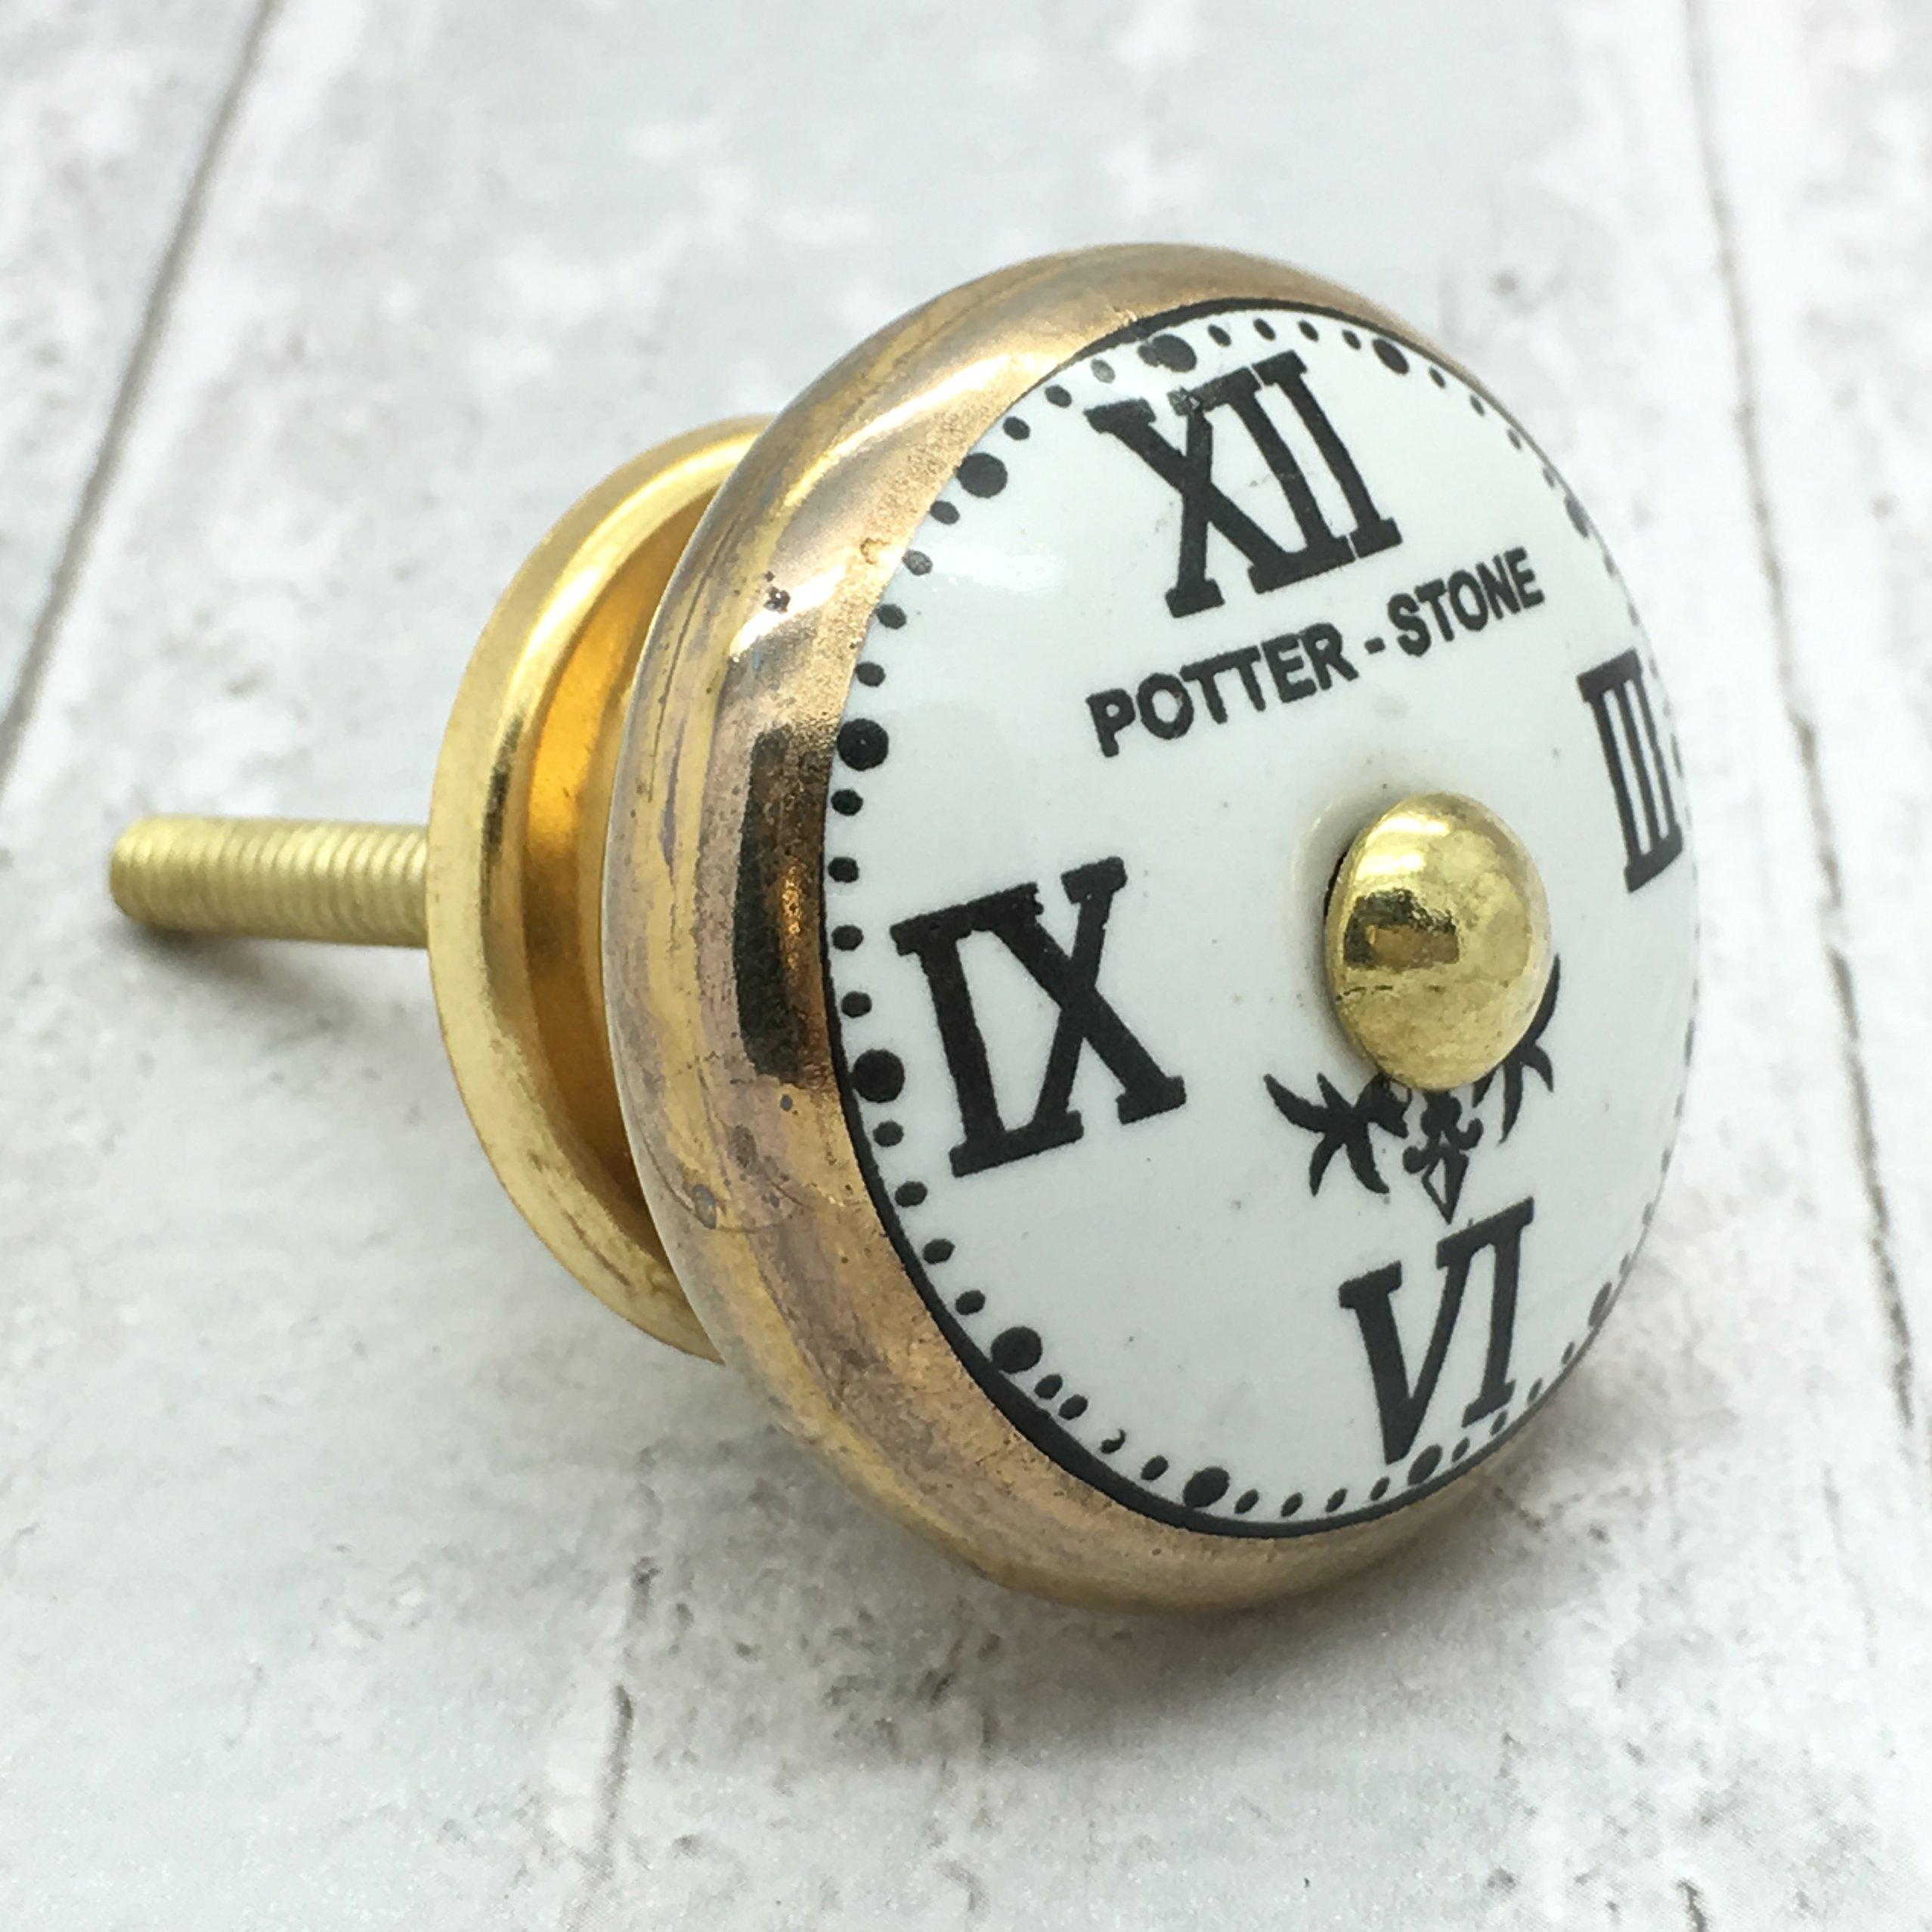 Vintage Potterstone orologio oro manopola ceramica mobili armadio cassetto porta shabby chic Pull 45